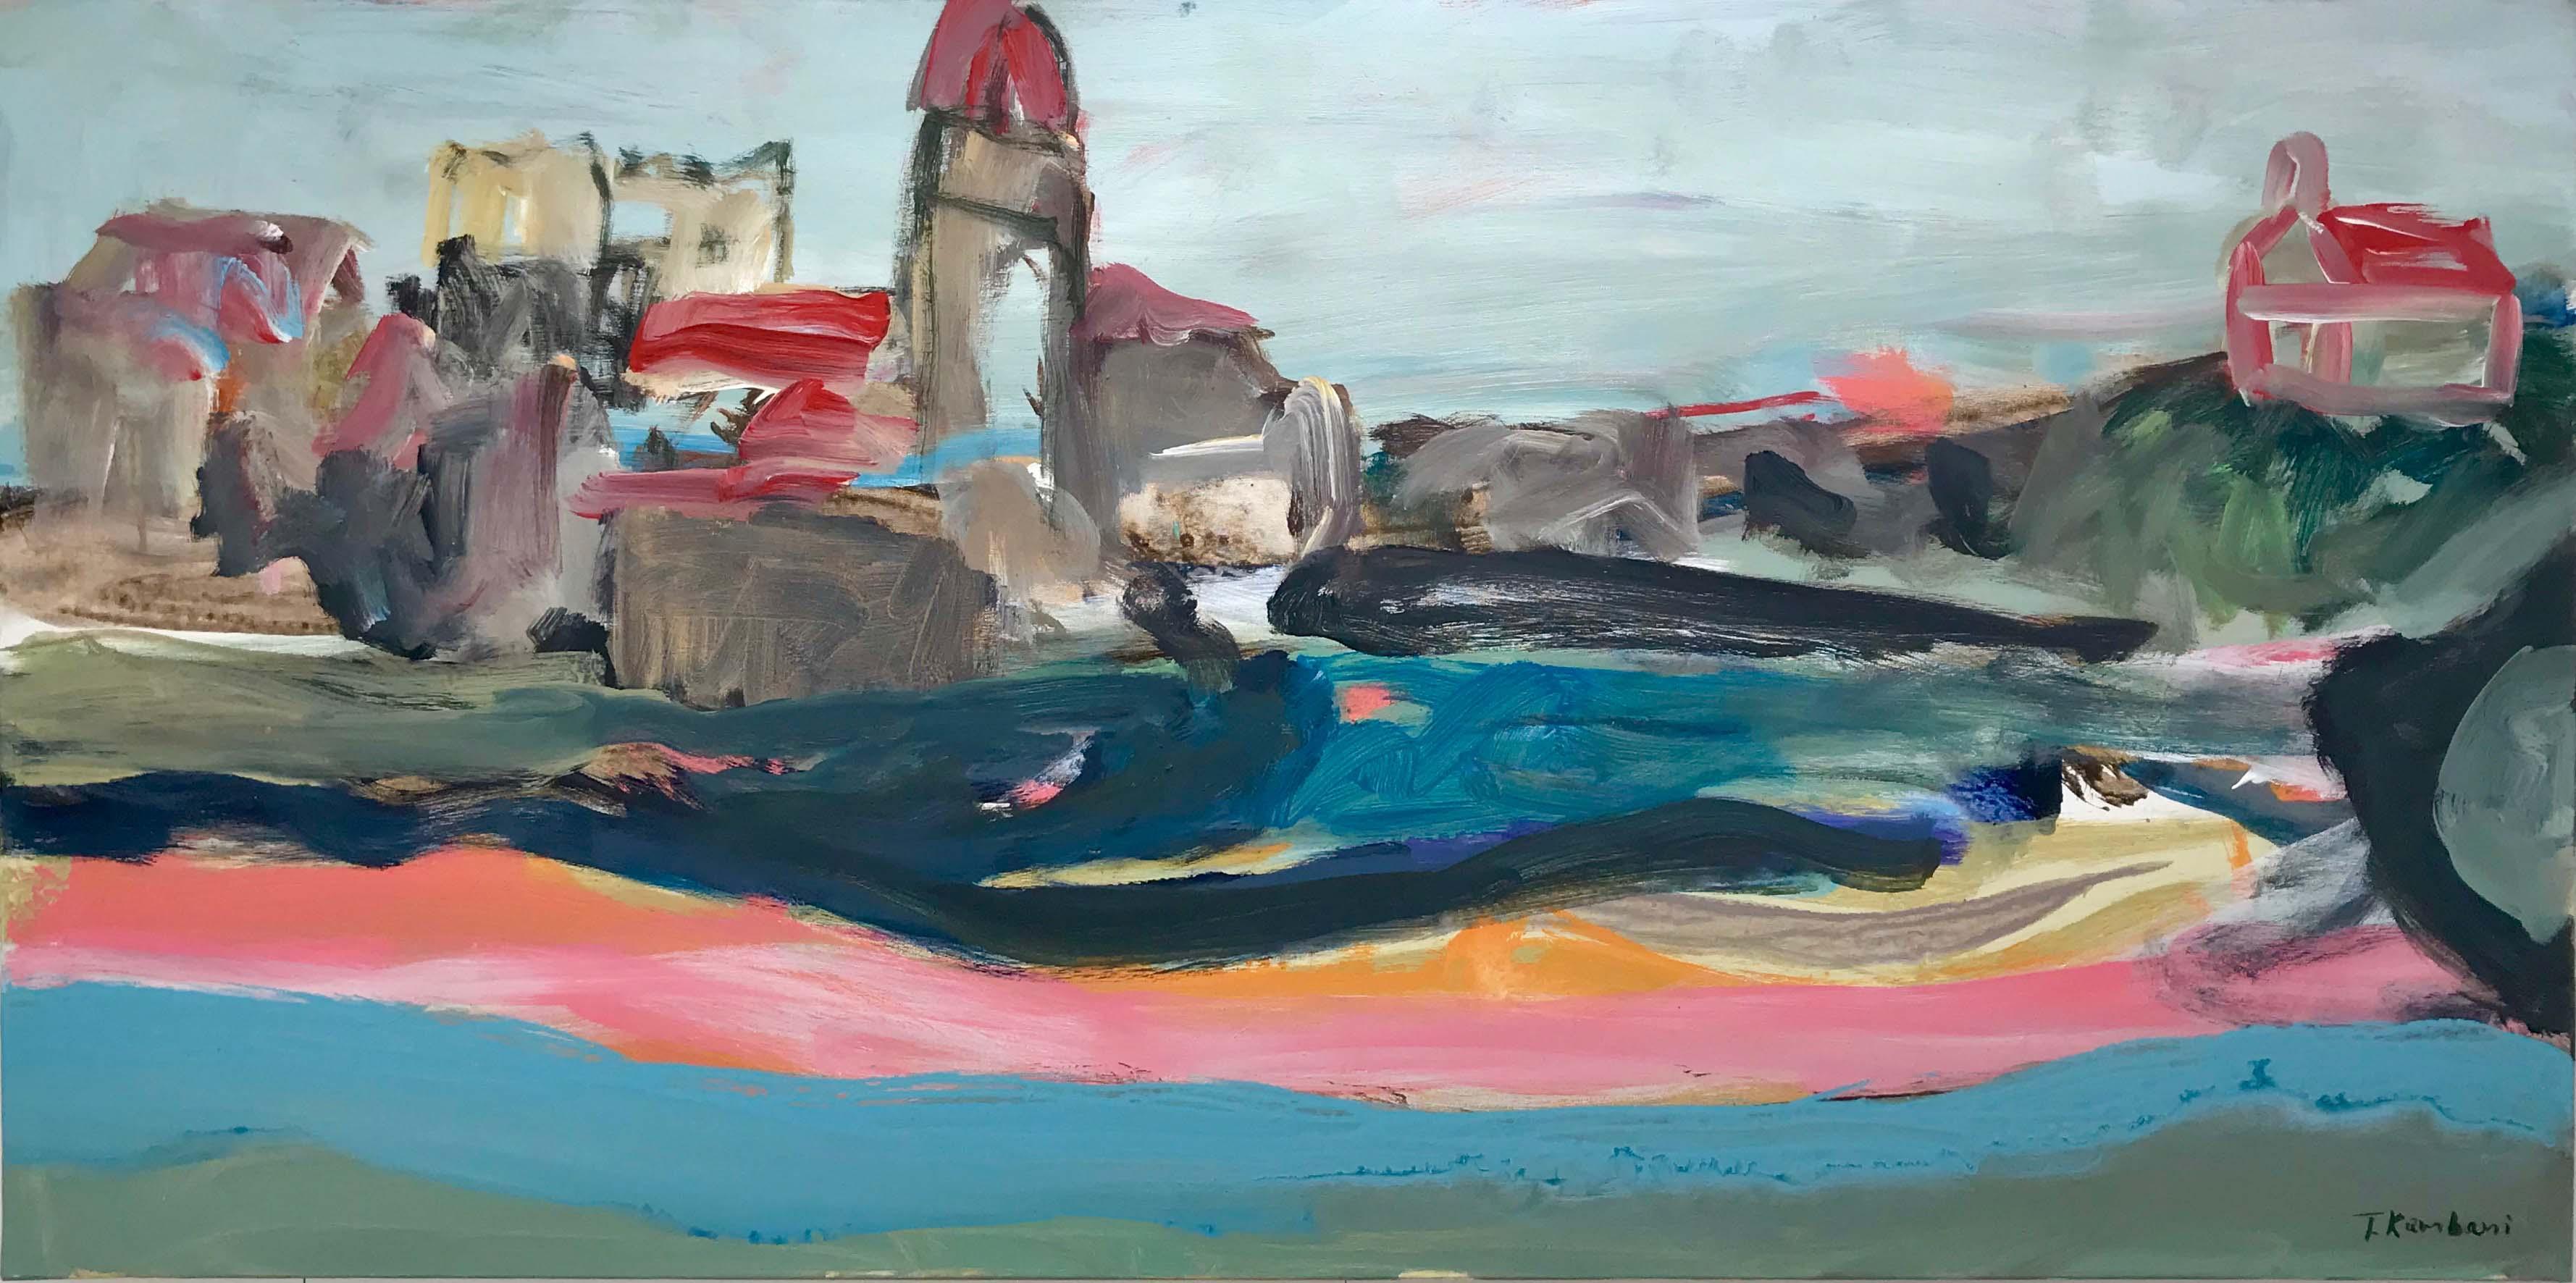 Collioure, 60x120cm, acrylique sur toile, 2017 sm